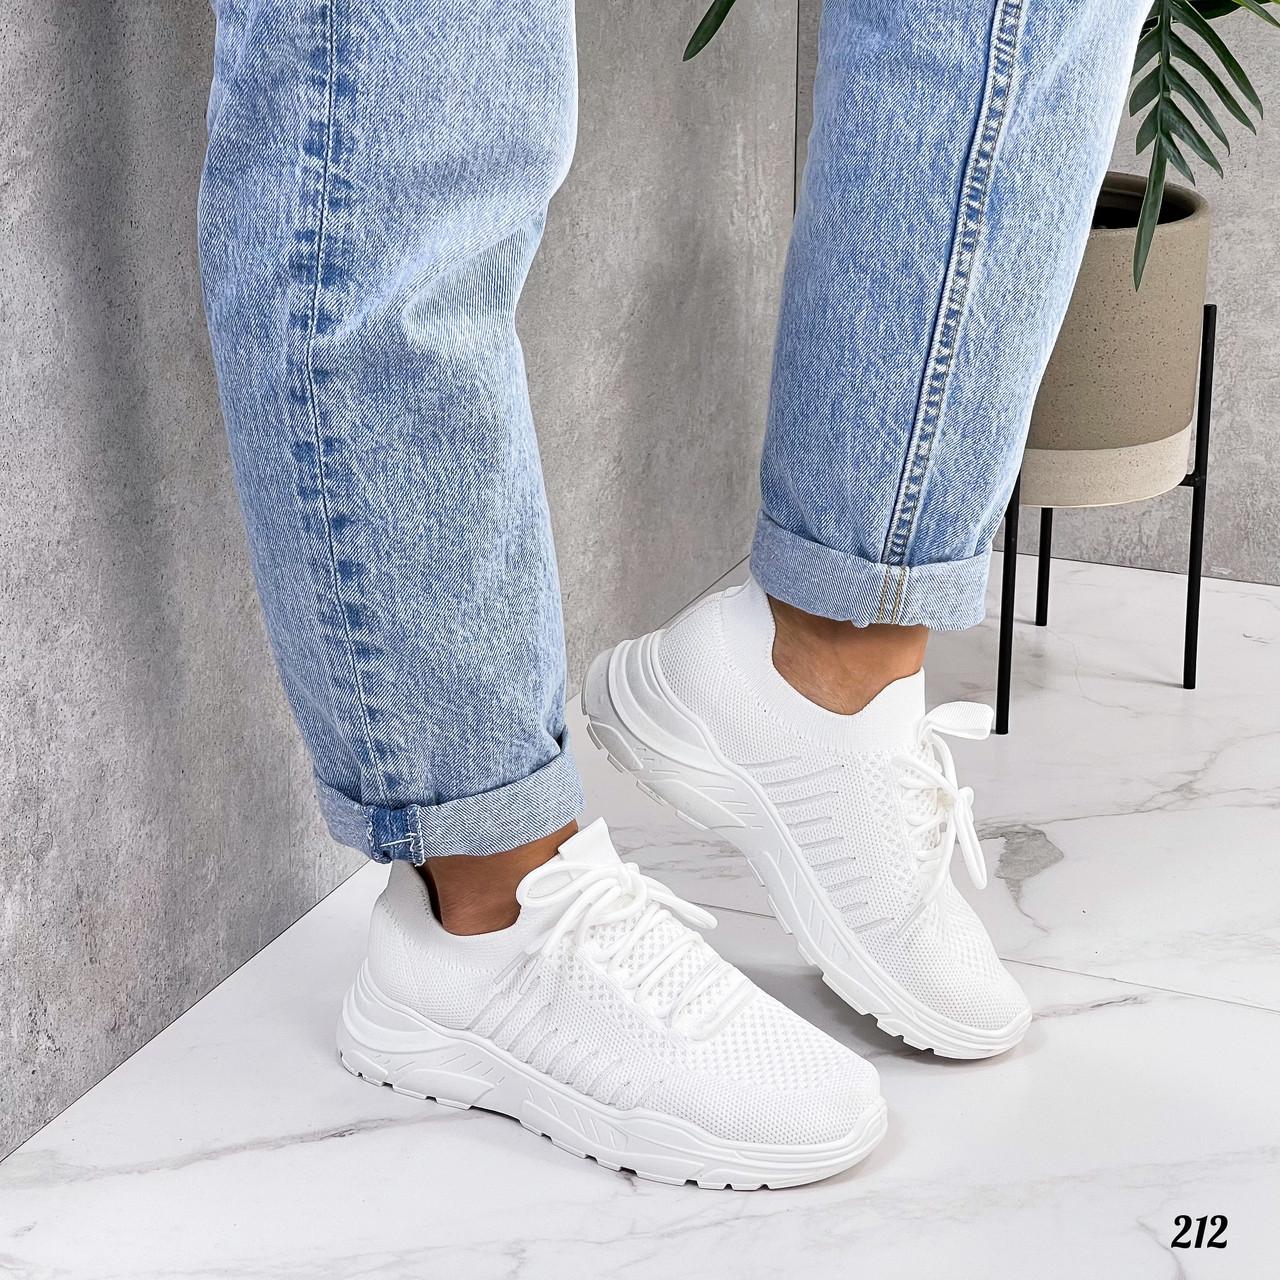 Женские белые кроссовки, обувной текстиль